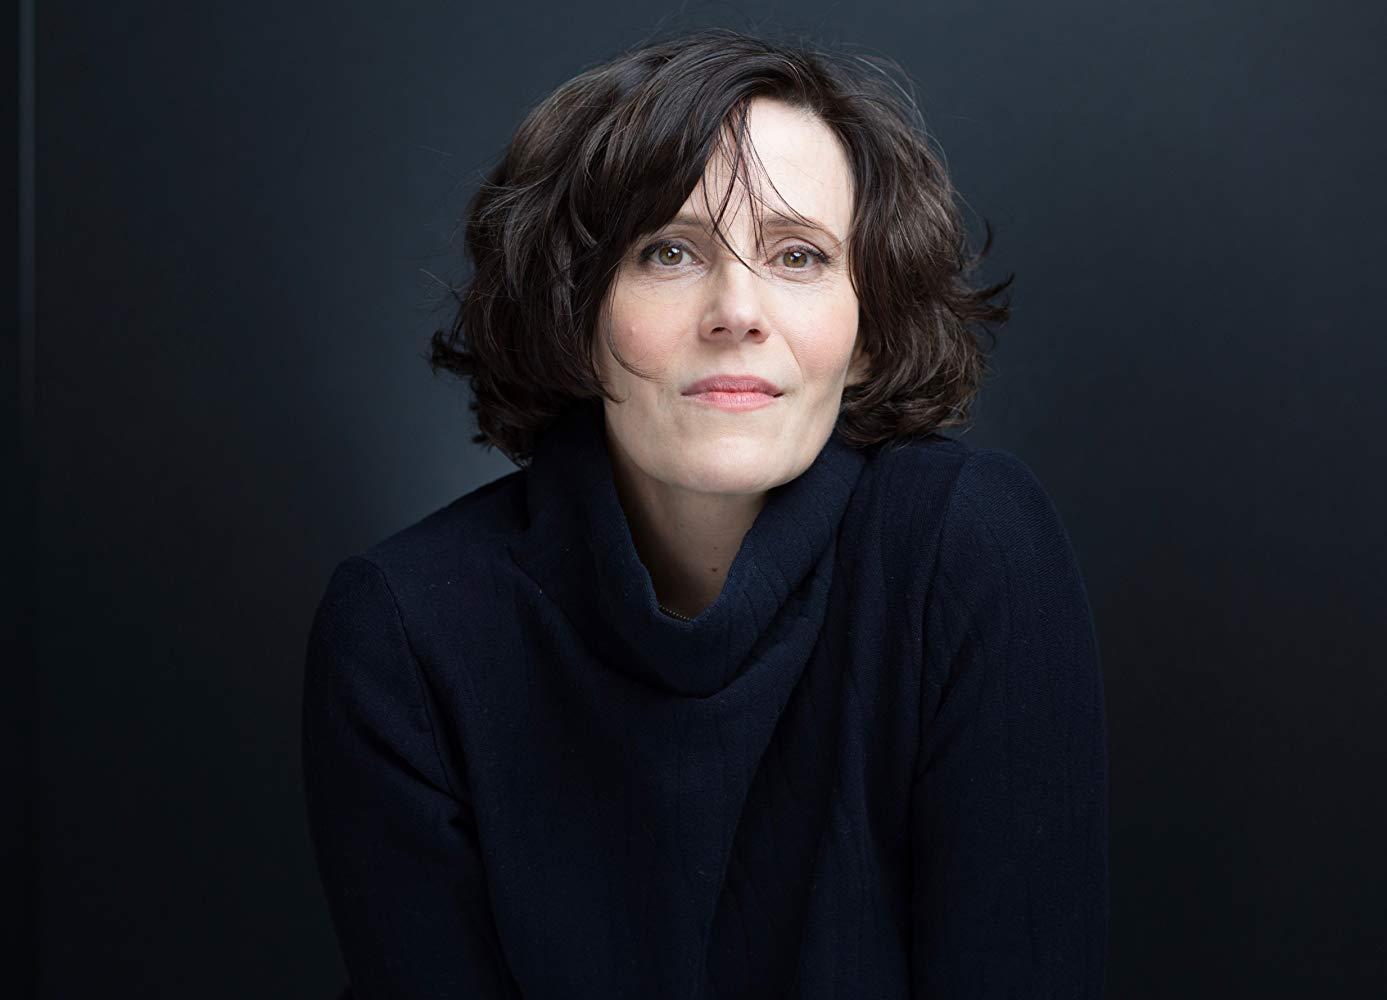 Joanna P. Adler